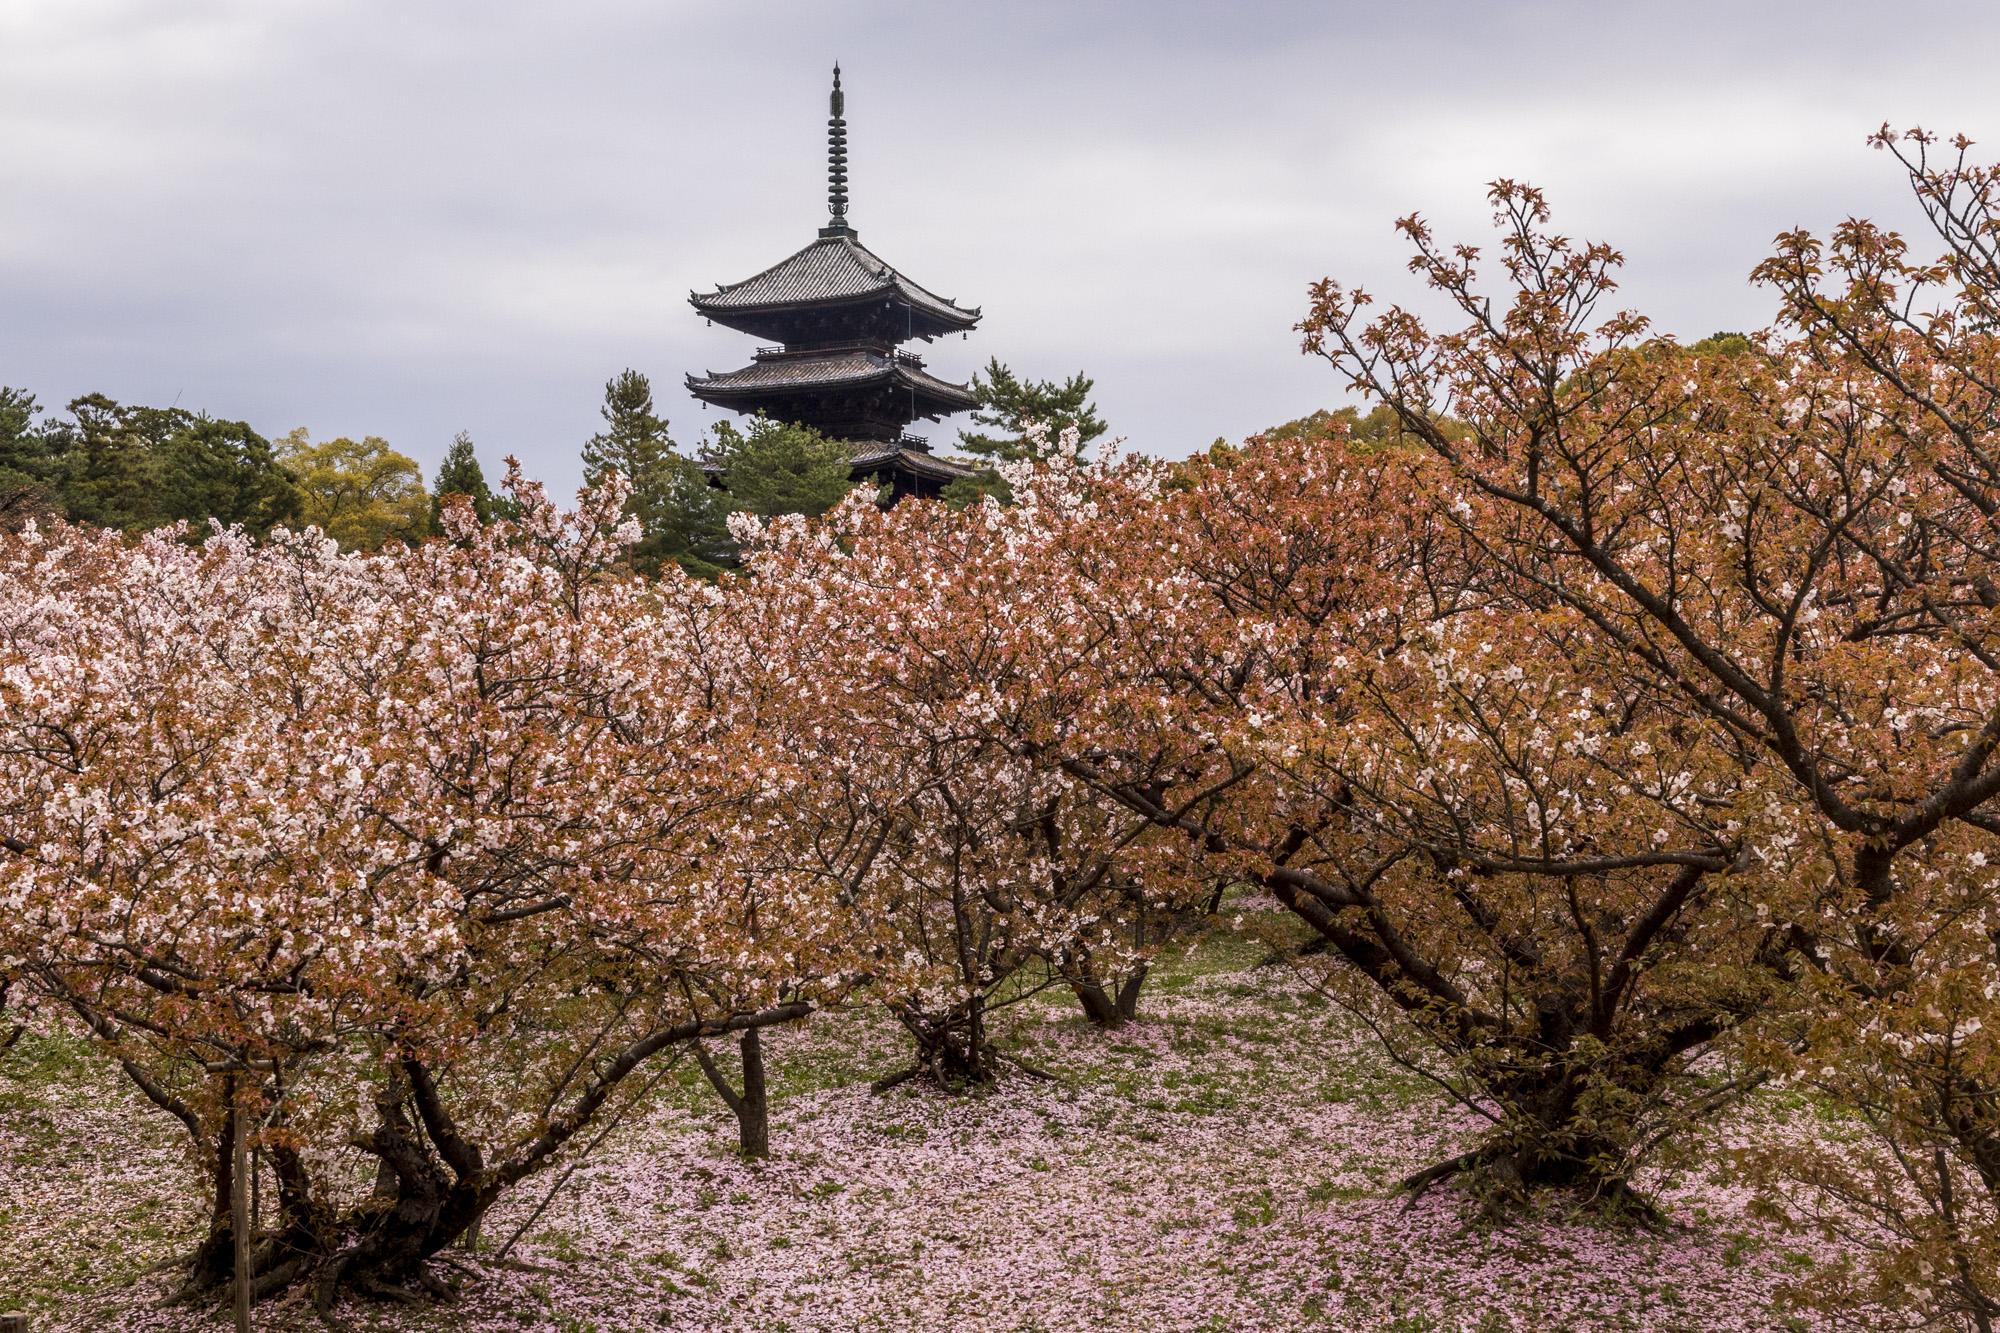 Ninna-ji dans la ville de Kyōto au Japon